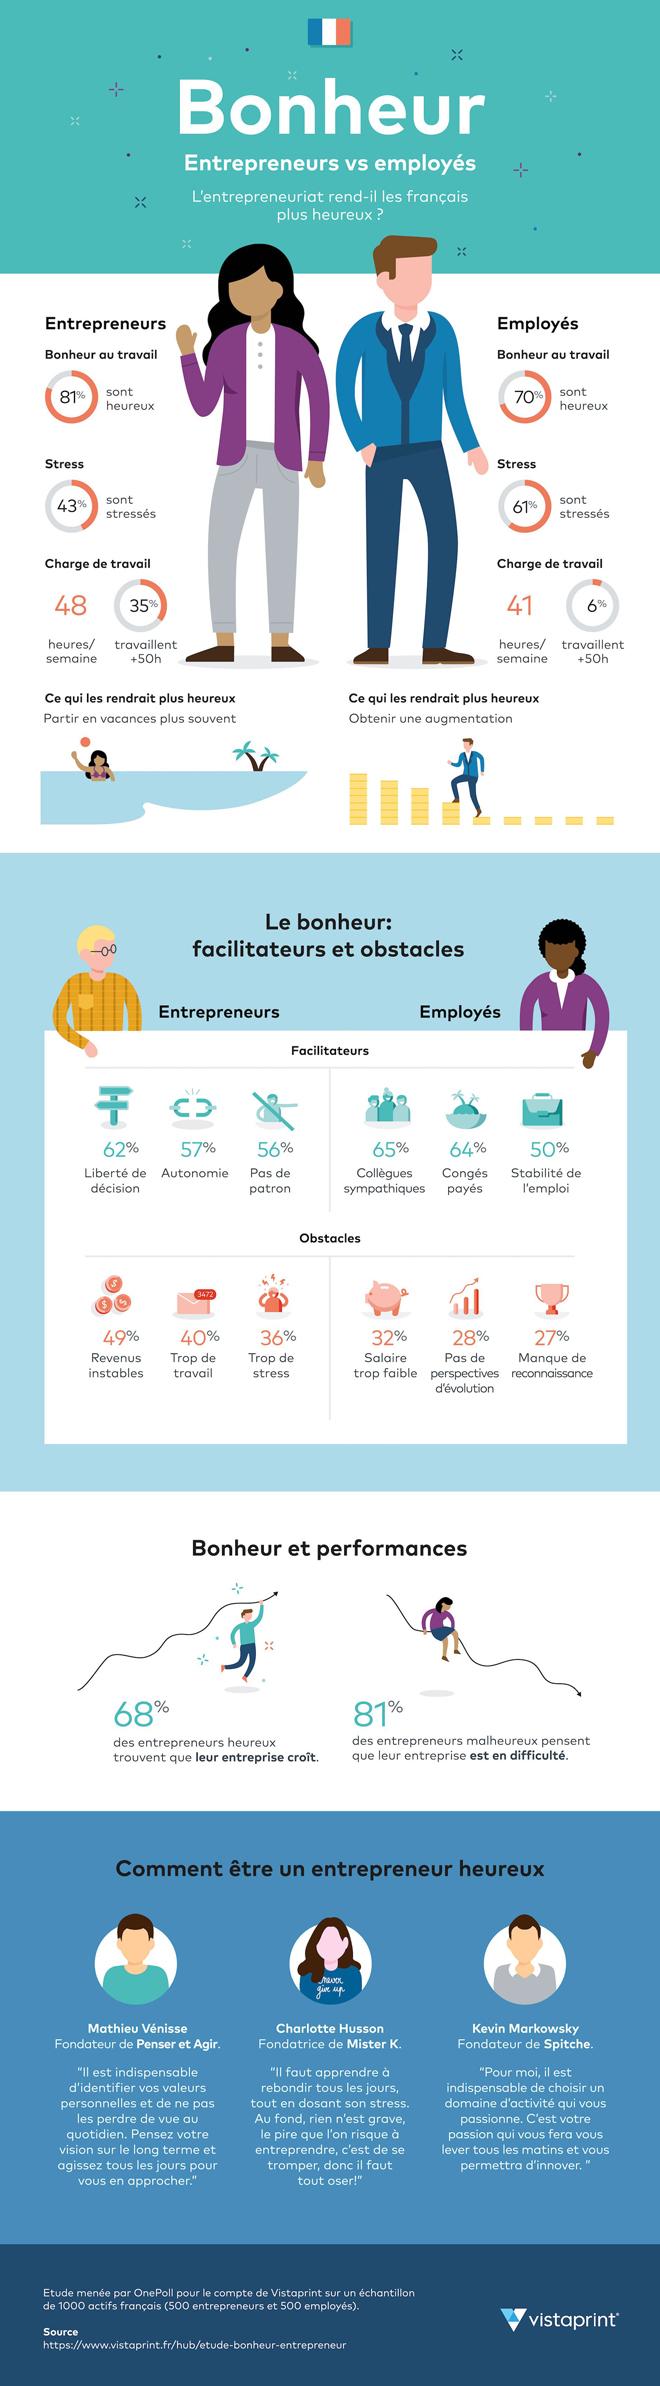 Infographie bonheur au travail entrepreneurs VS employés